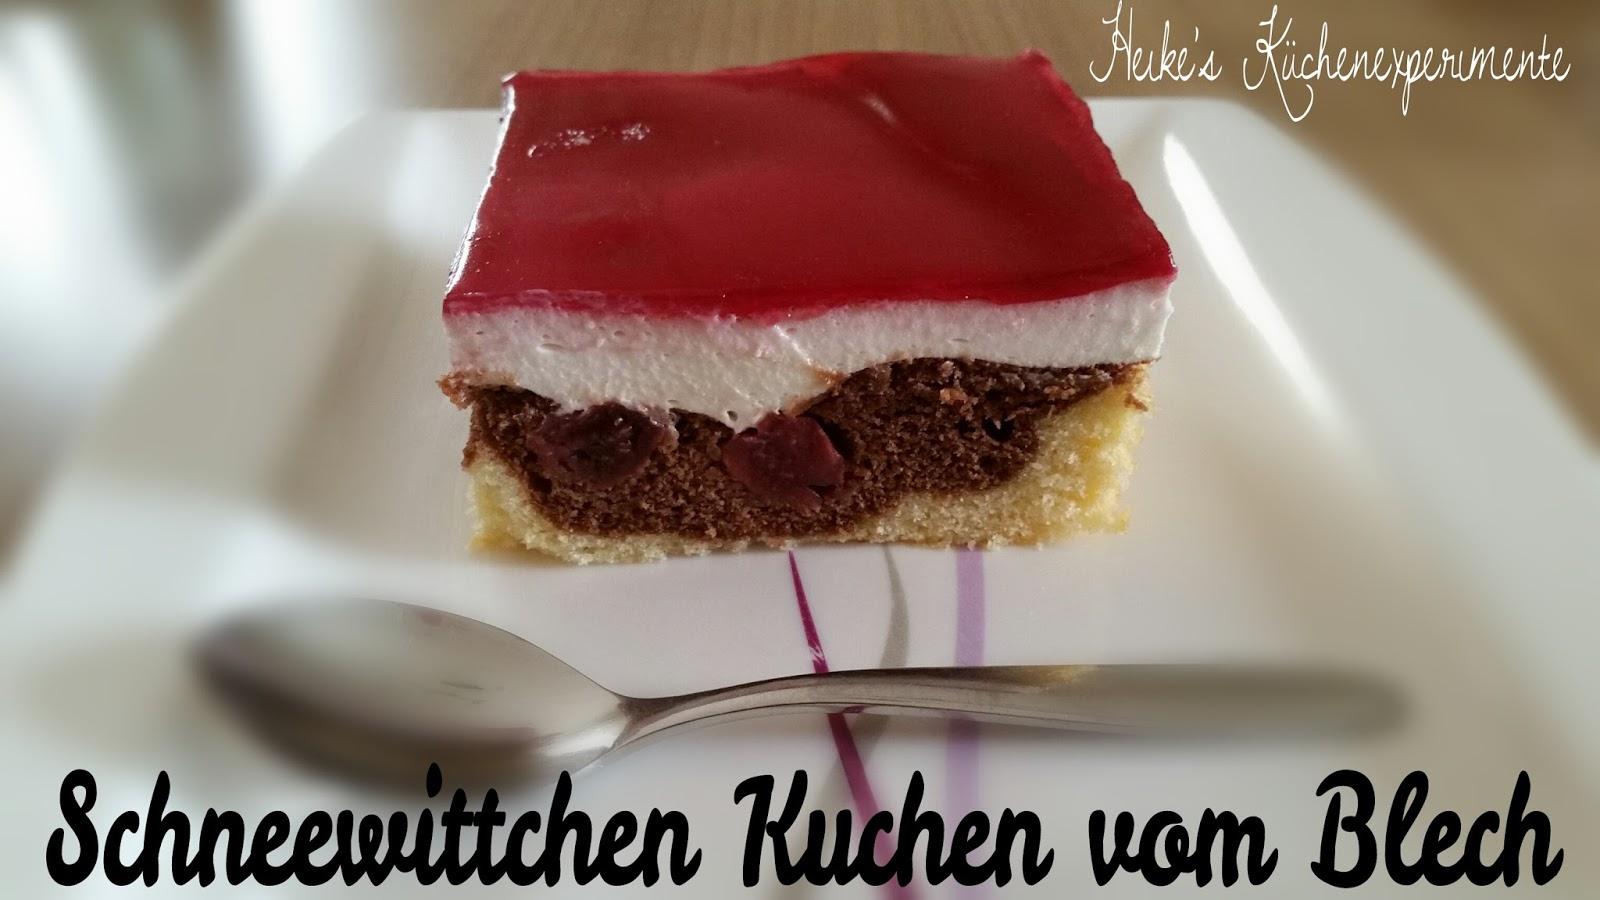 Heike S Kuchenexperimente Schneewittchen Kuchen